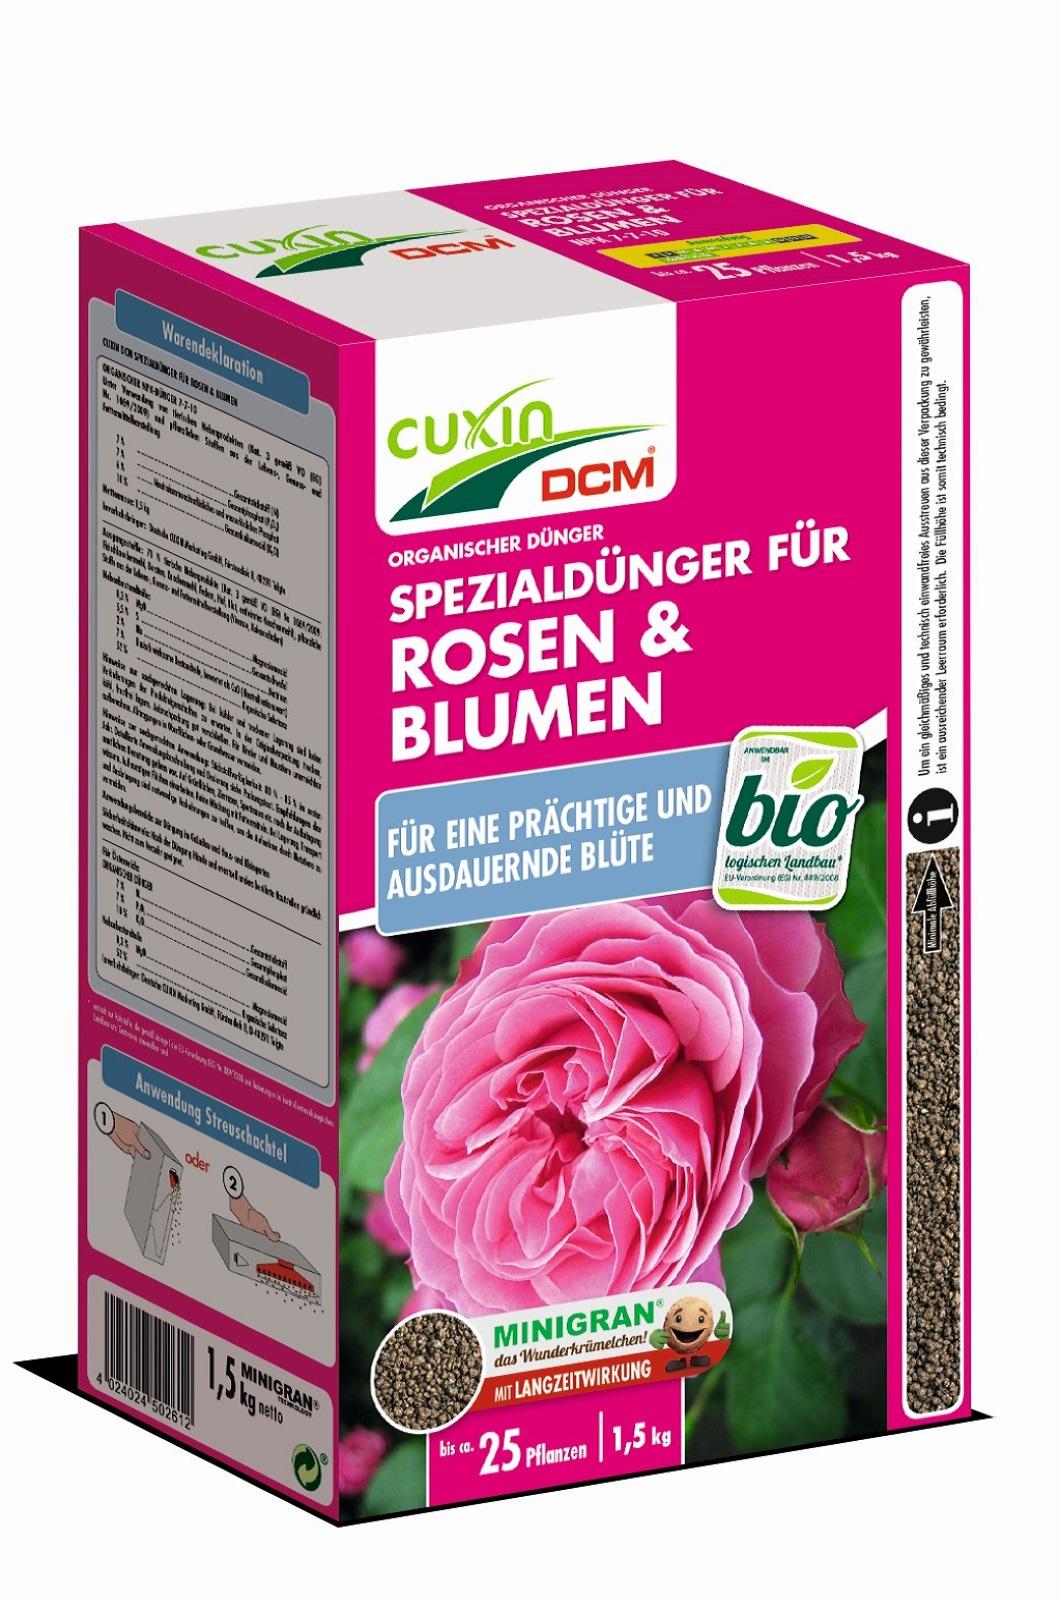 Cuxin Spezialdünger Rosen und Blumendünger 1,5 kg Minigran Dünger